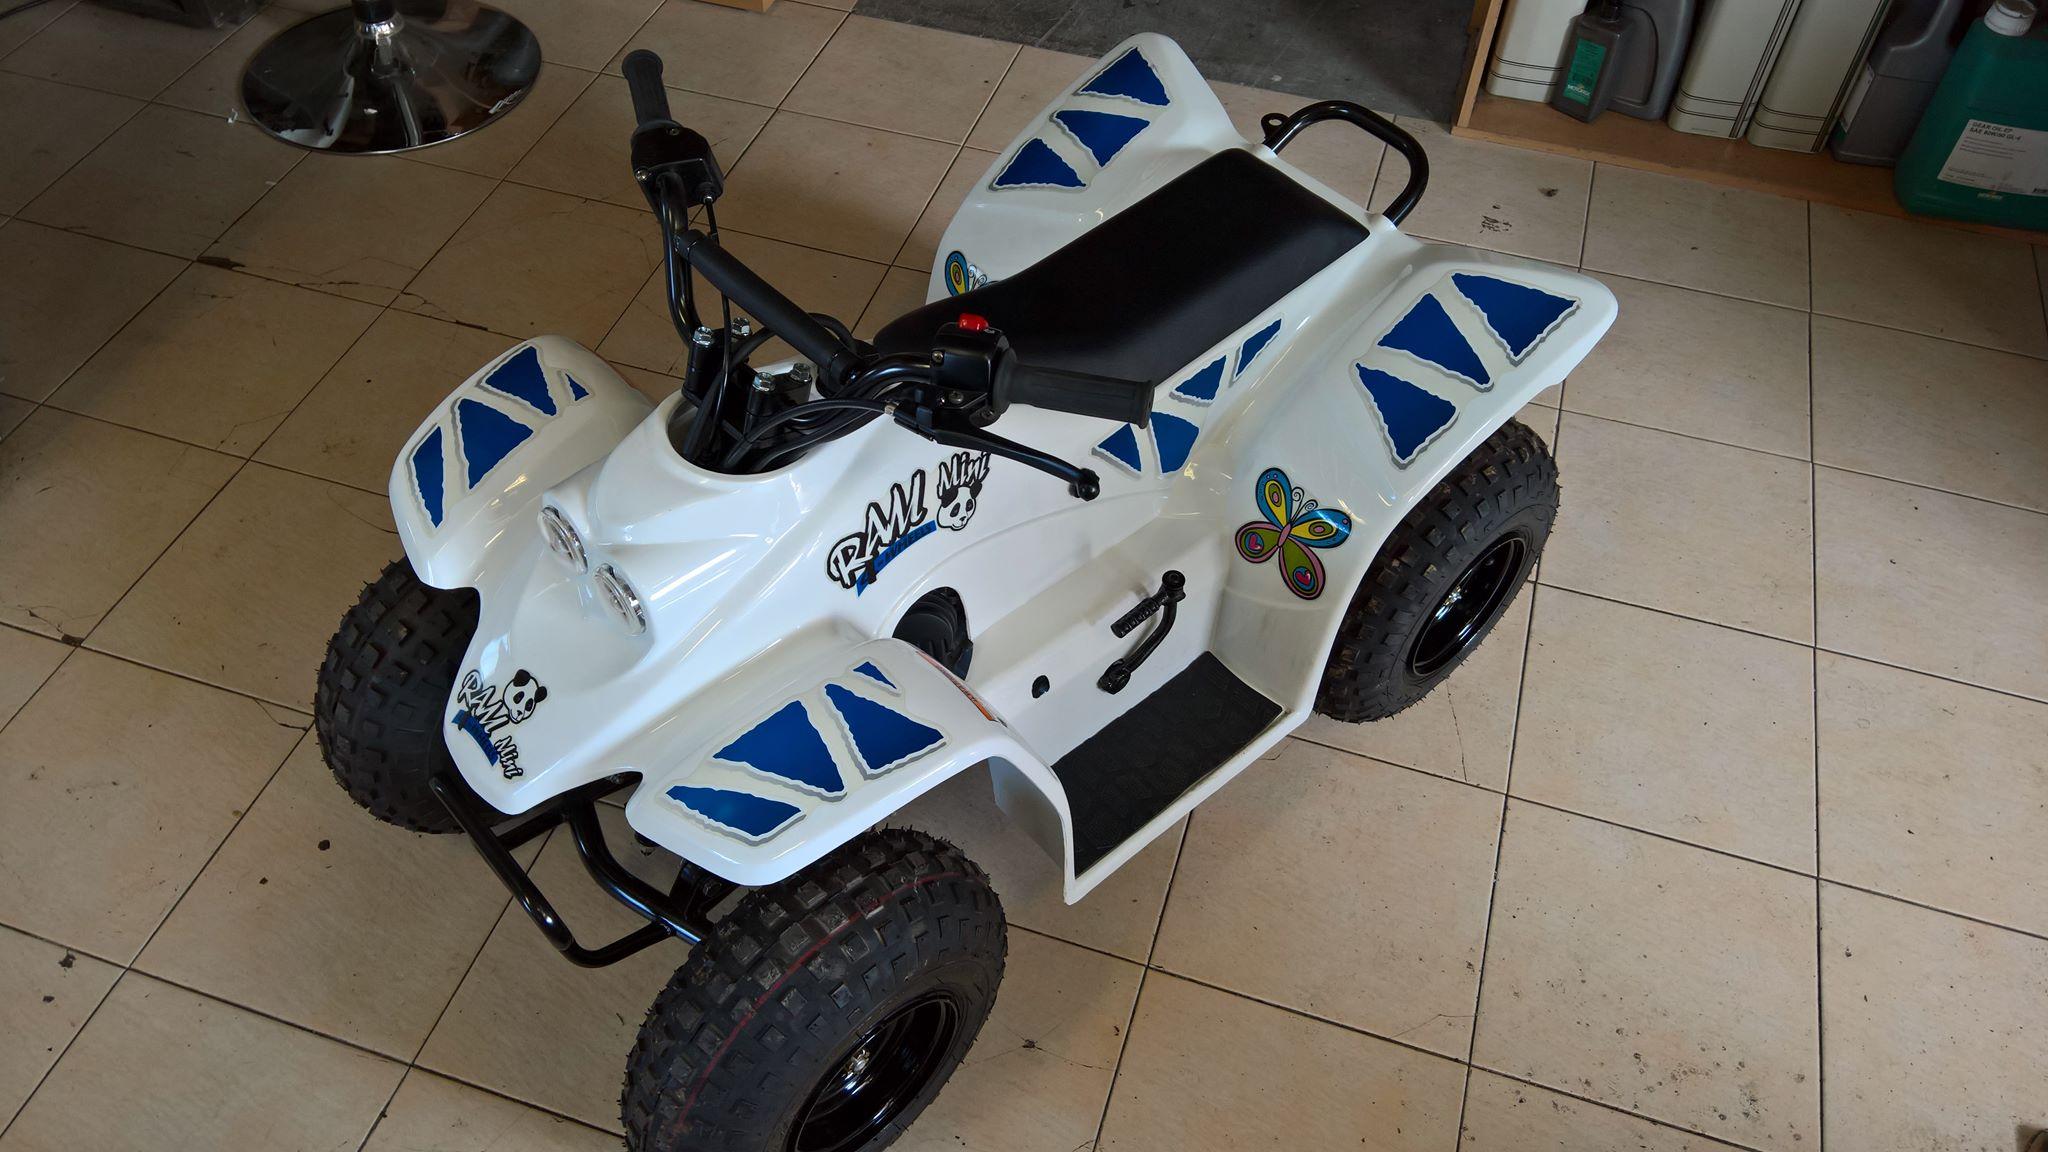 mini-quad-smc-ram-mini-50cc-4